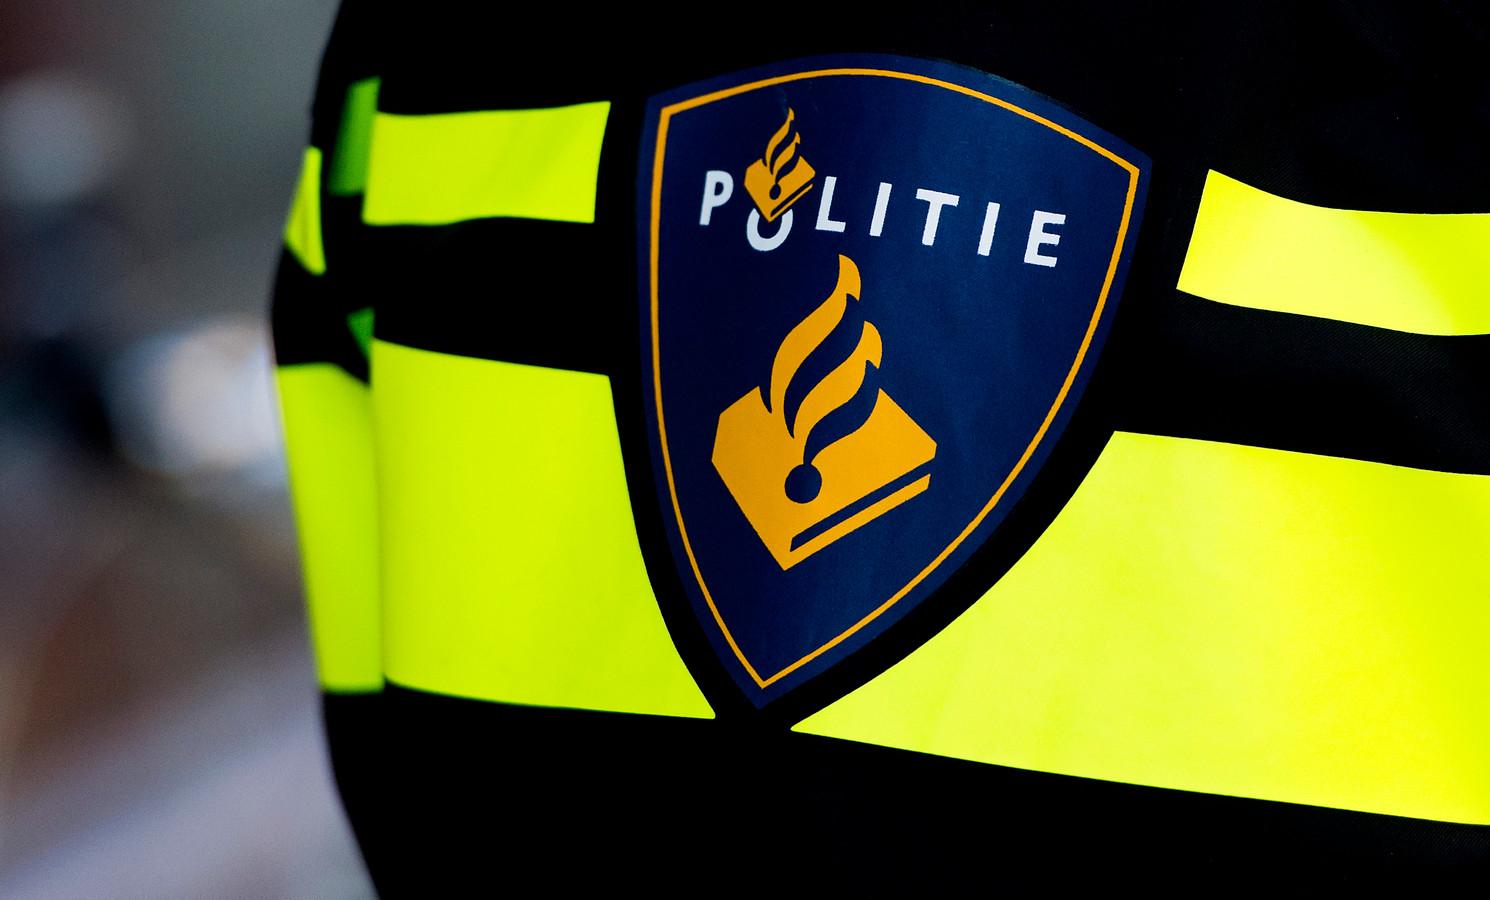 Politie image